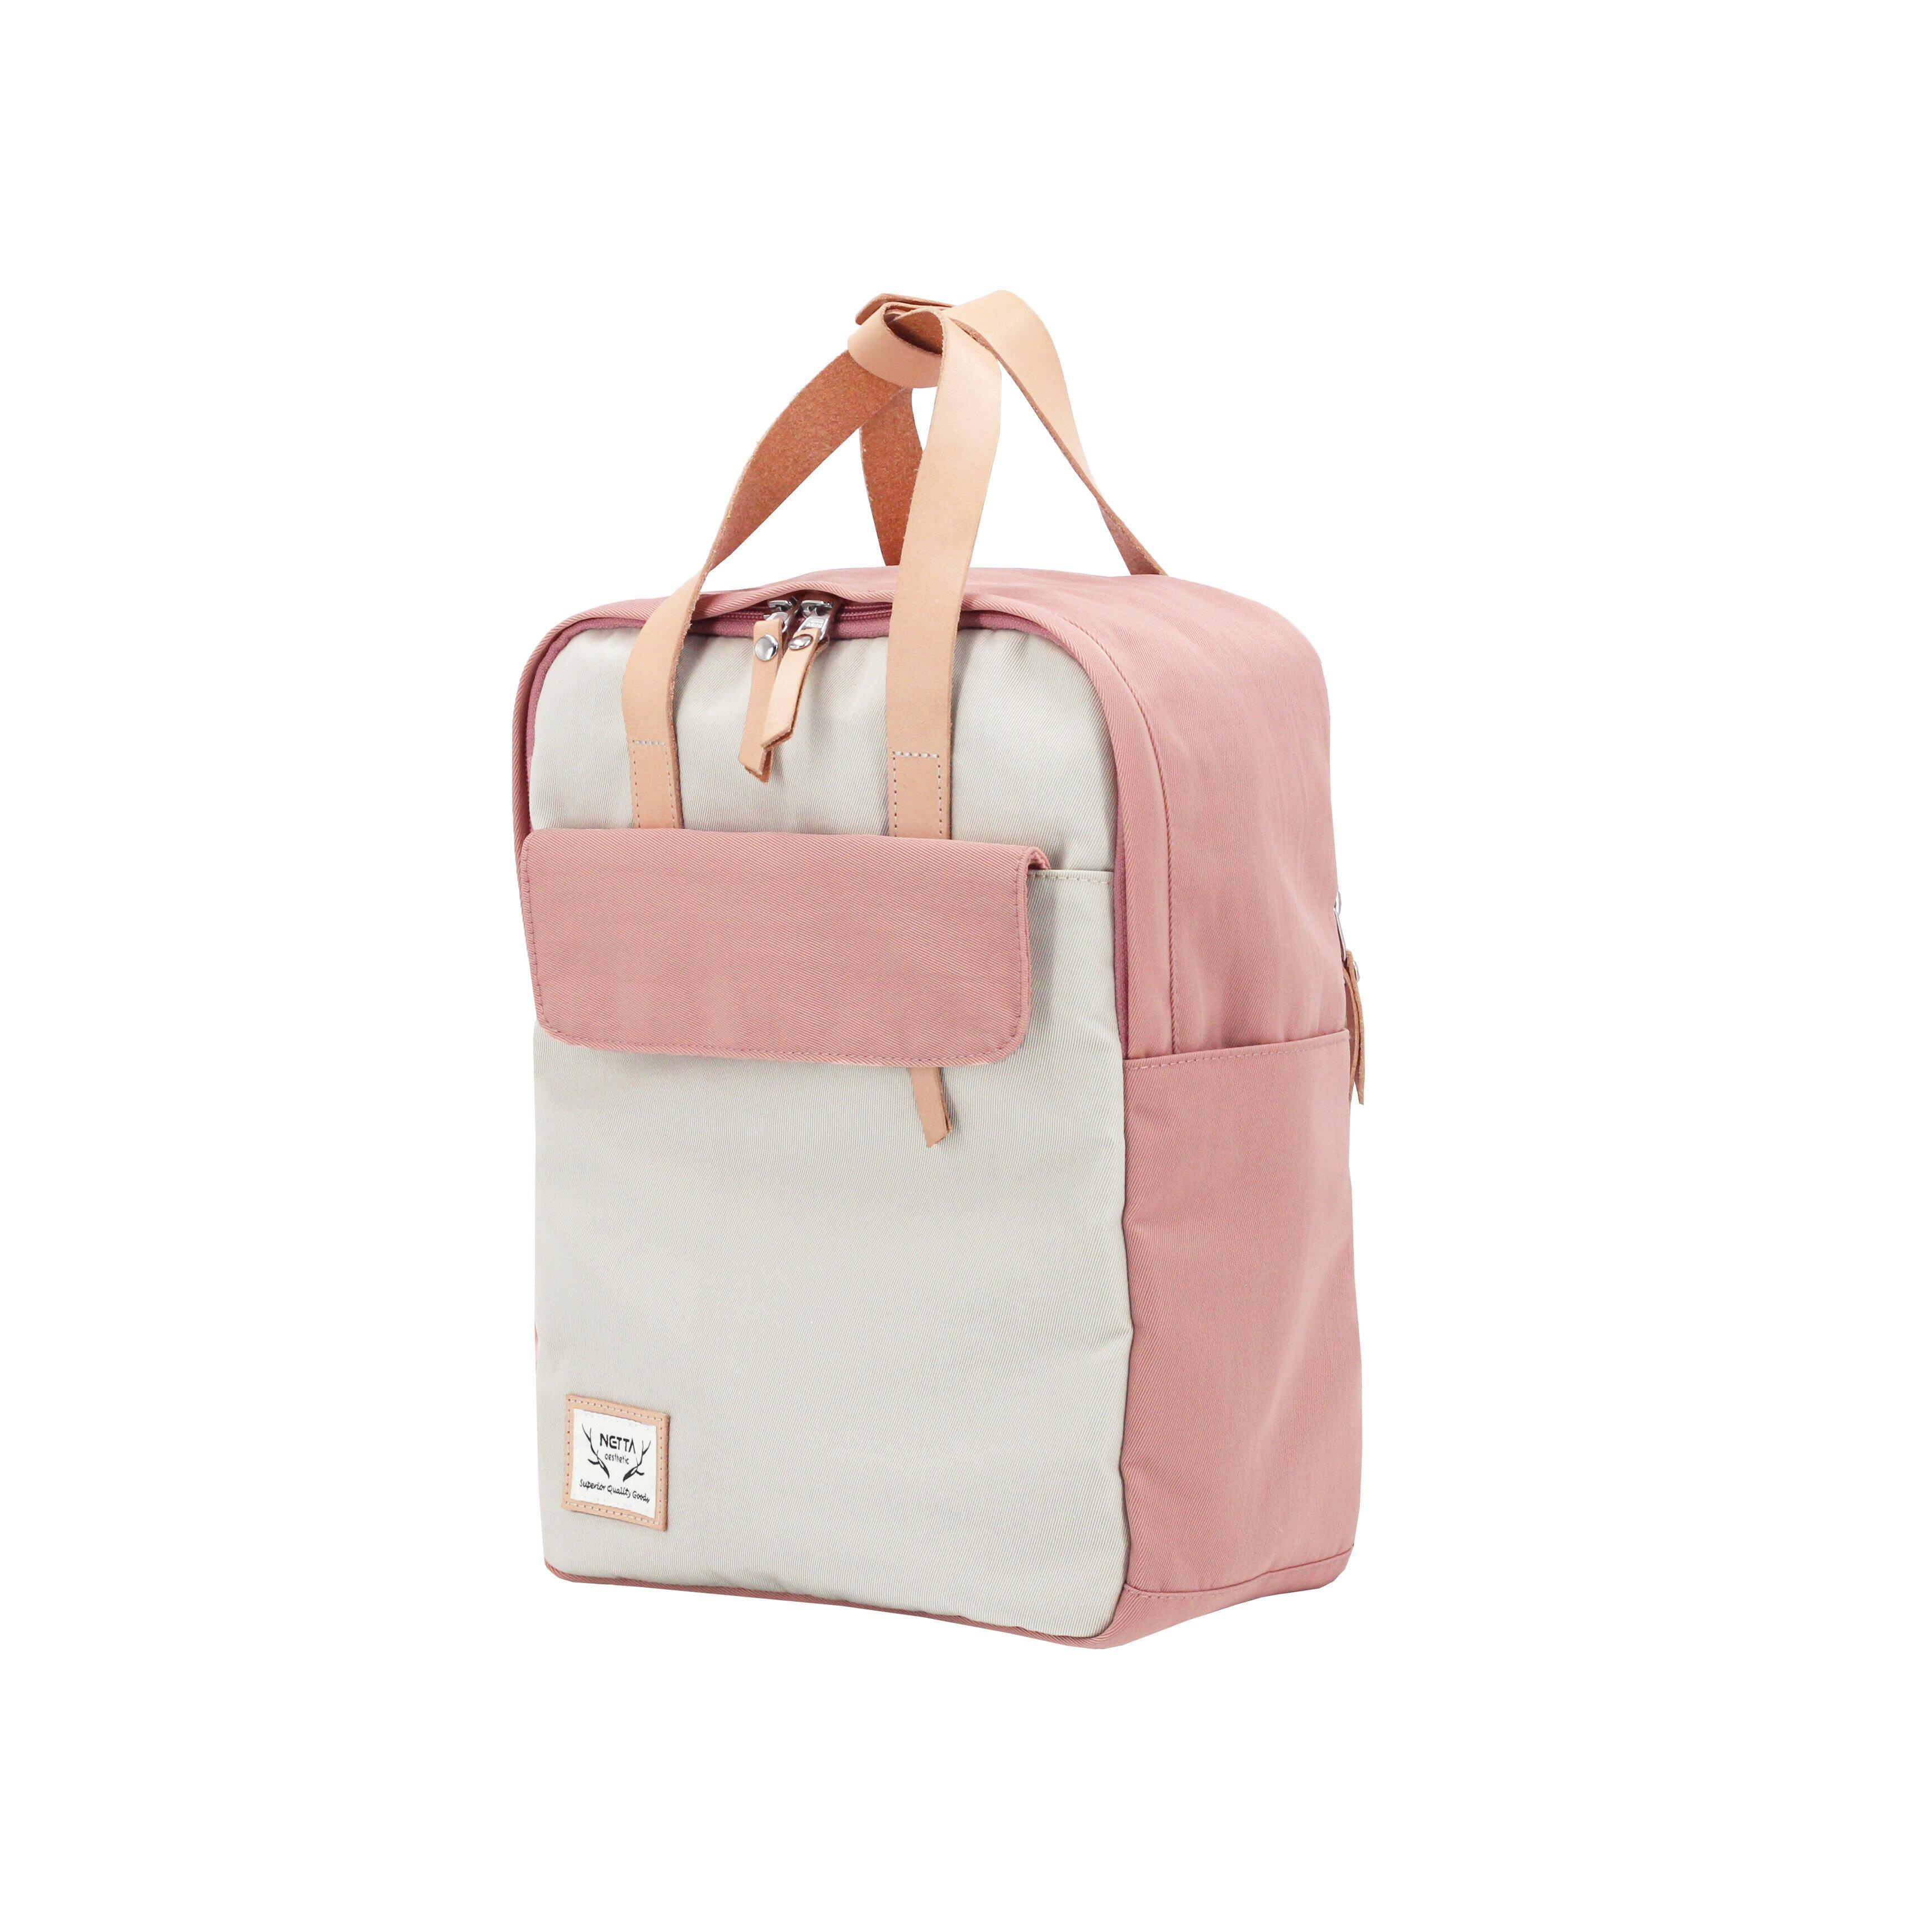 防潑水後背包 / 野餐系列 / 粉紅x米白 / 尺寸S號【NETTA】 1